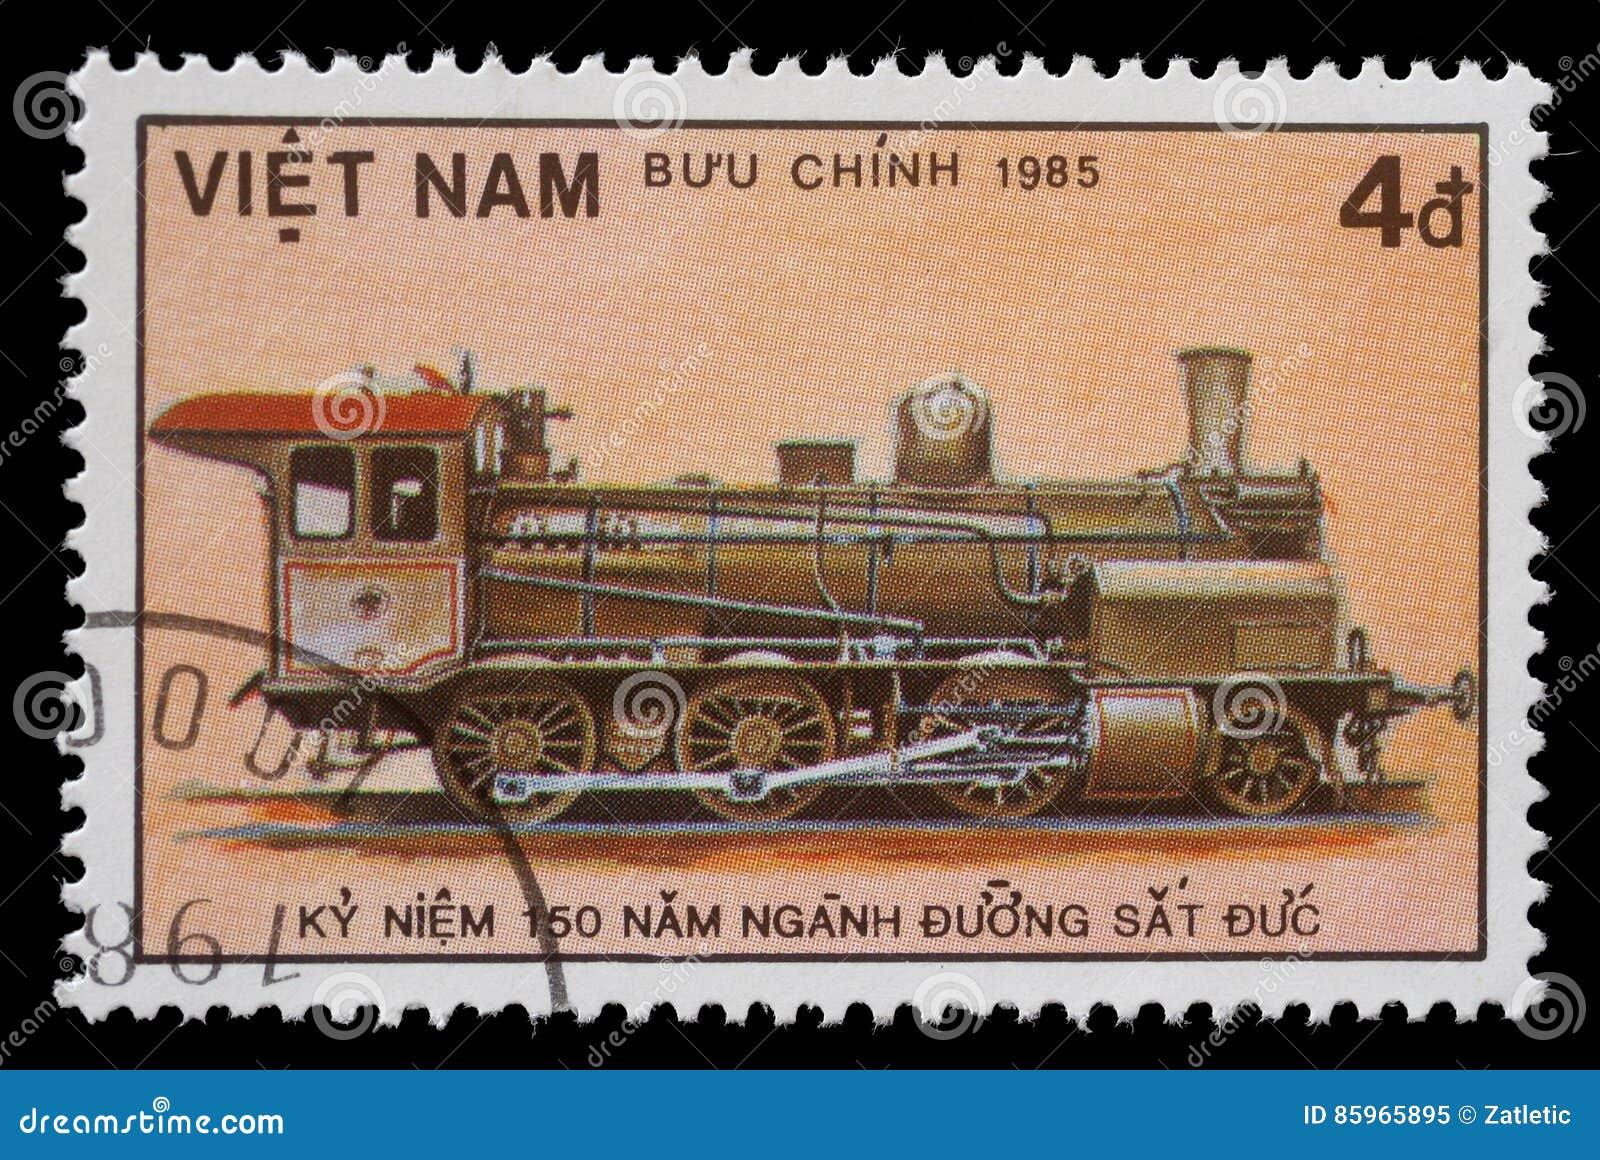 Stamp printed in Vietnam showing steam locomotive